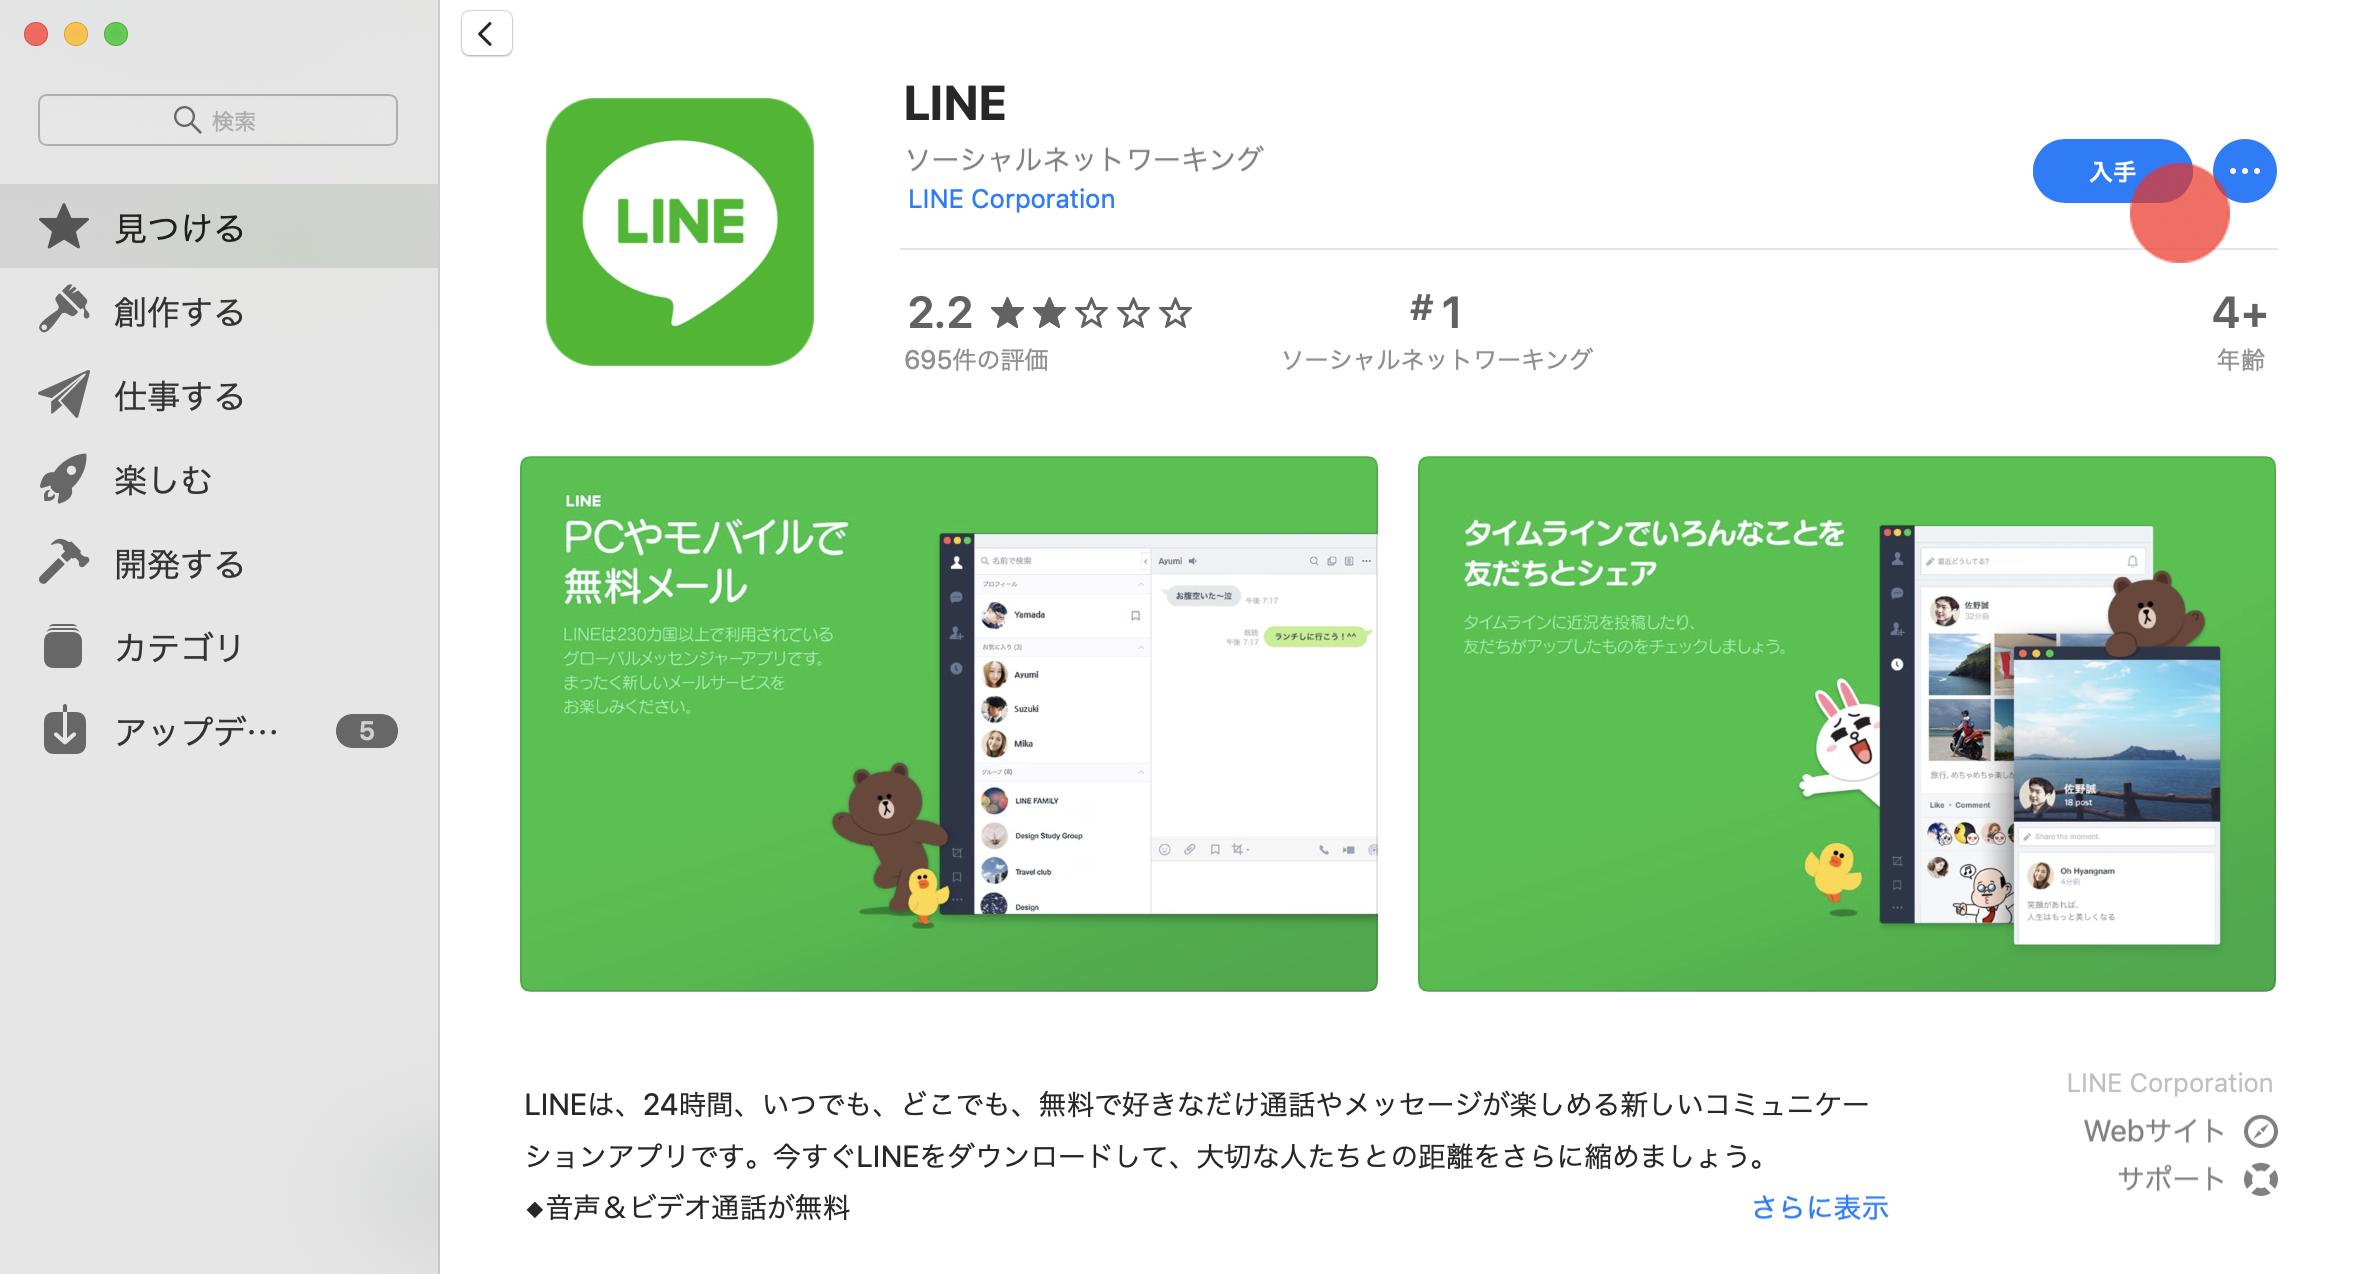 mac_02.png